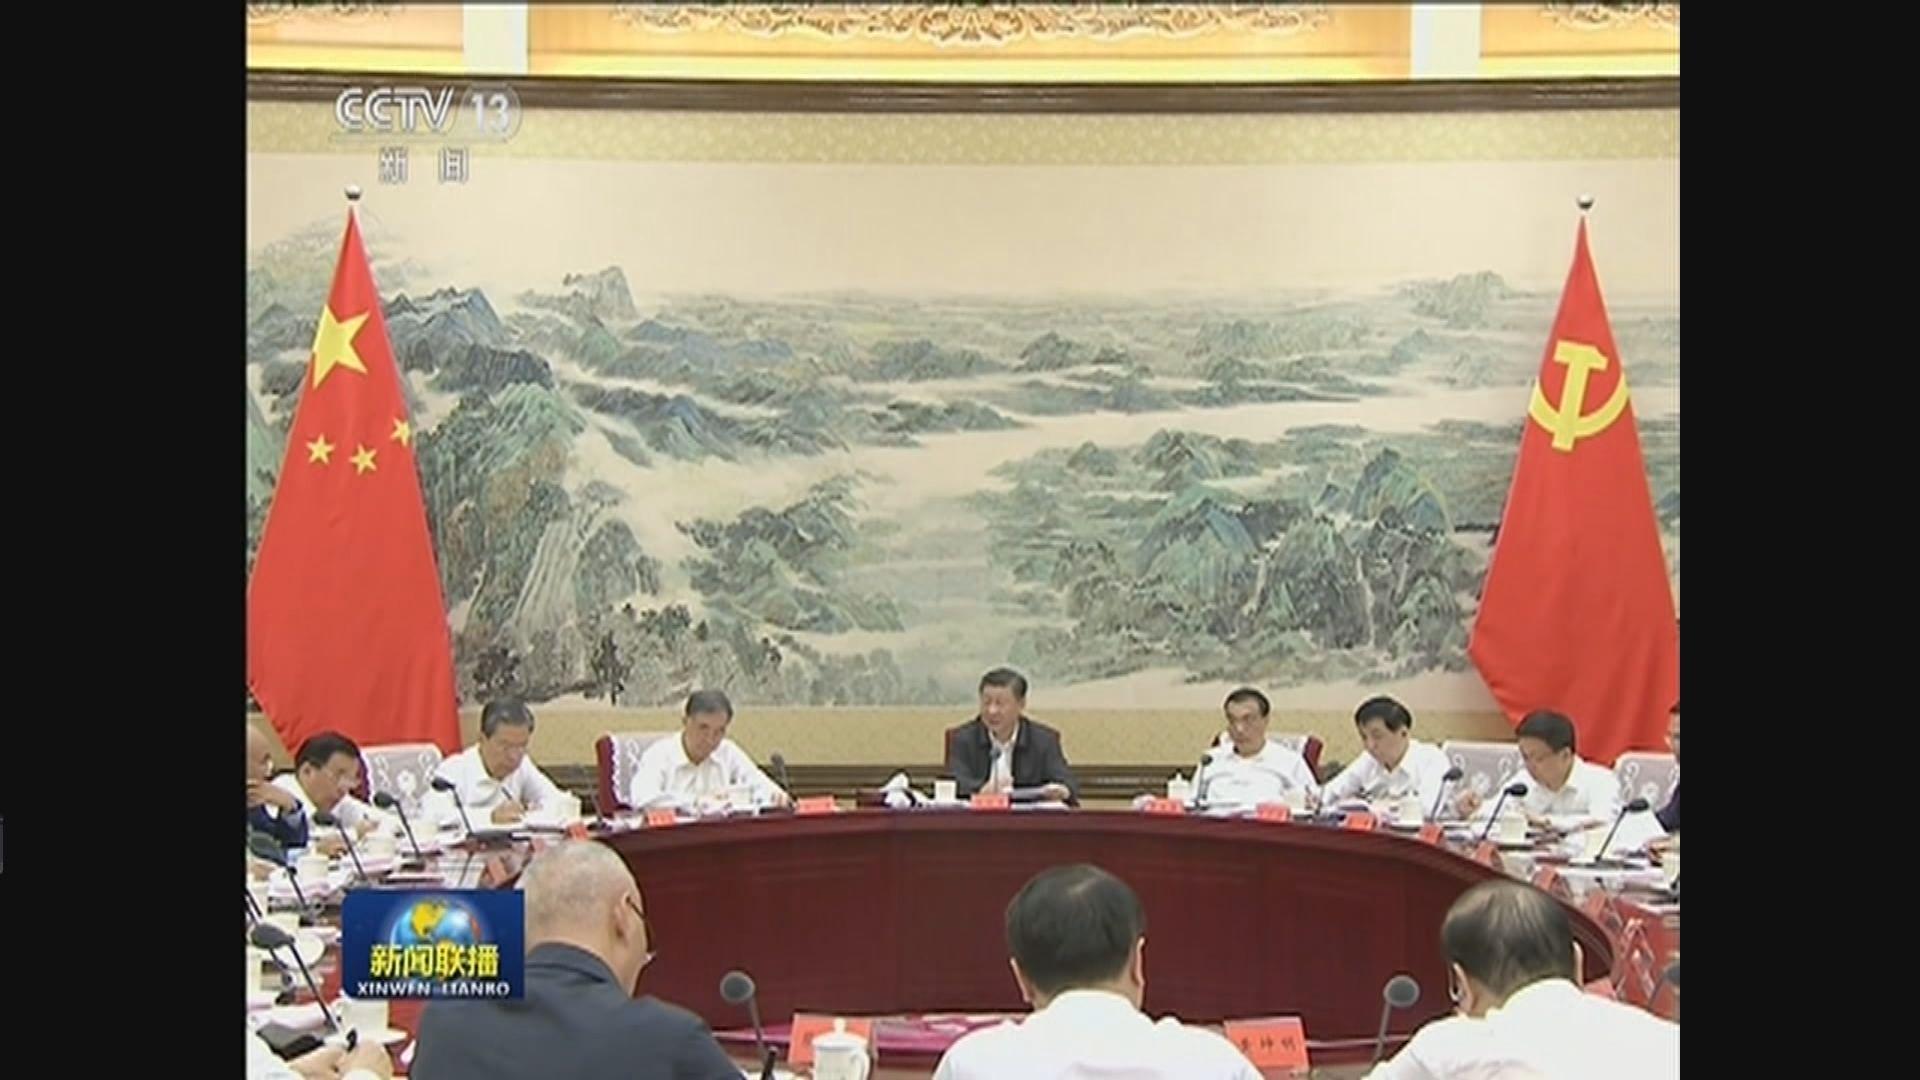 中央政治局會議促加強新時代愛國主義教育